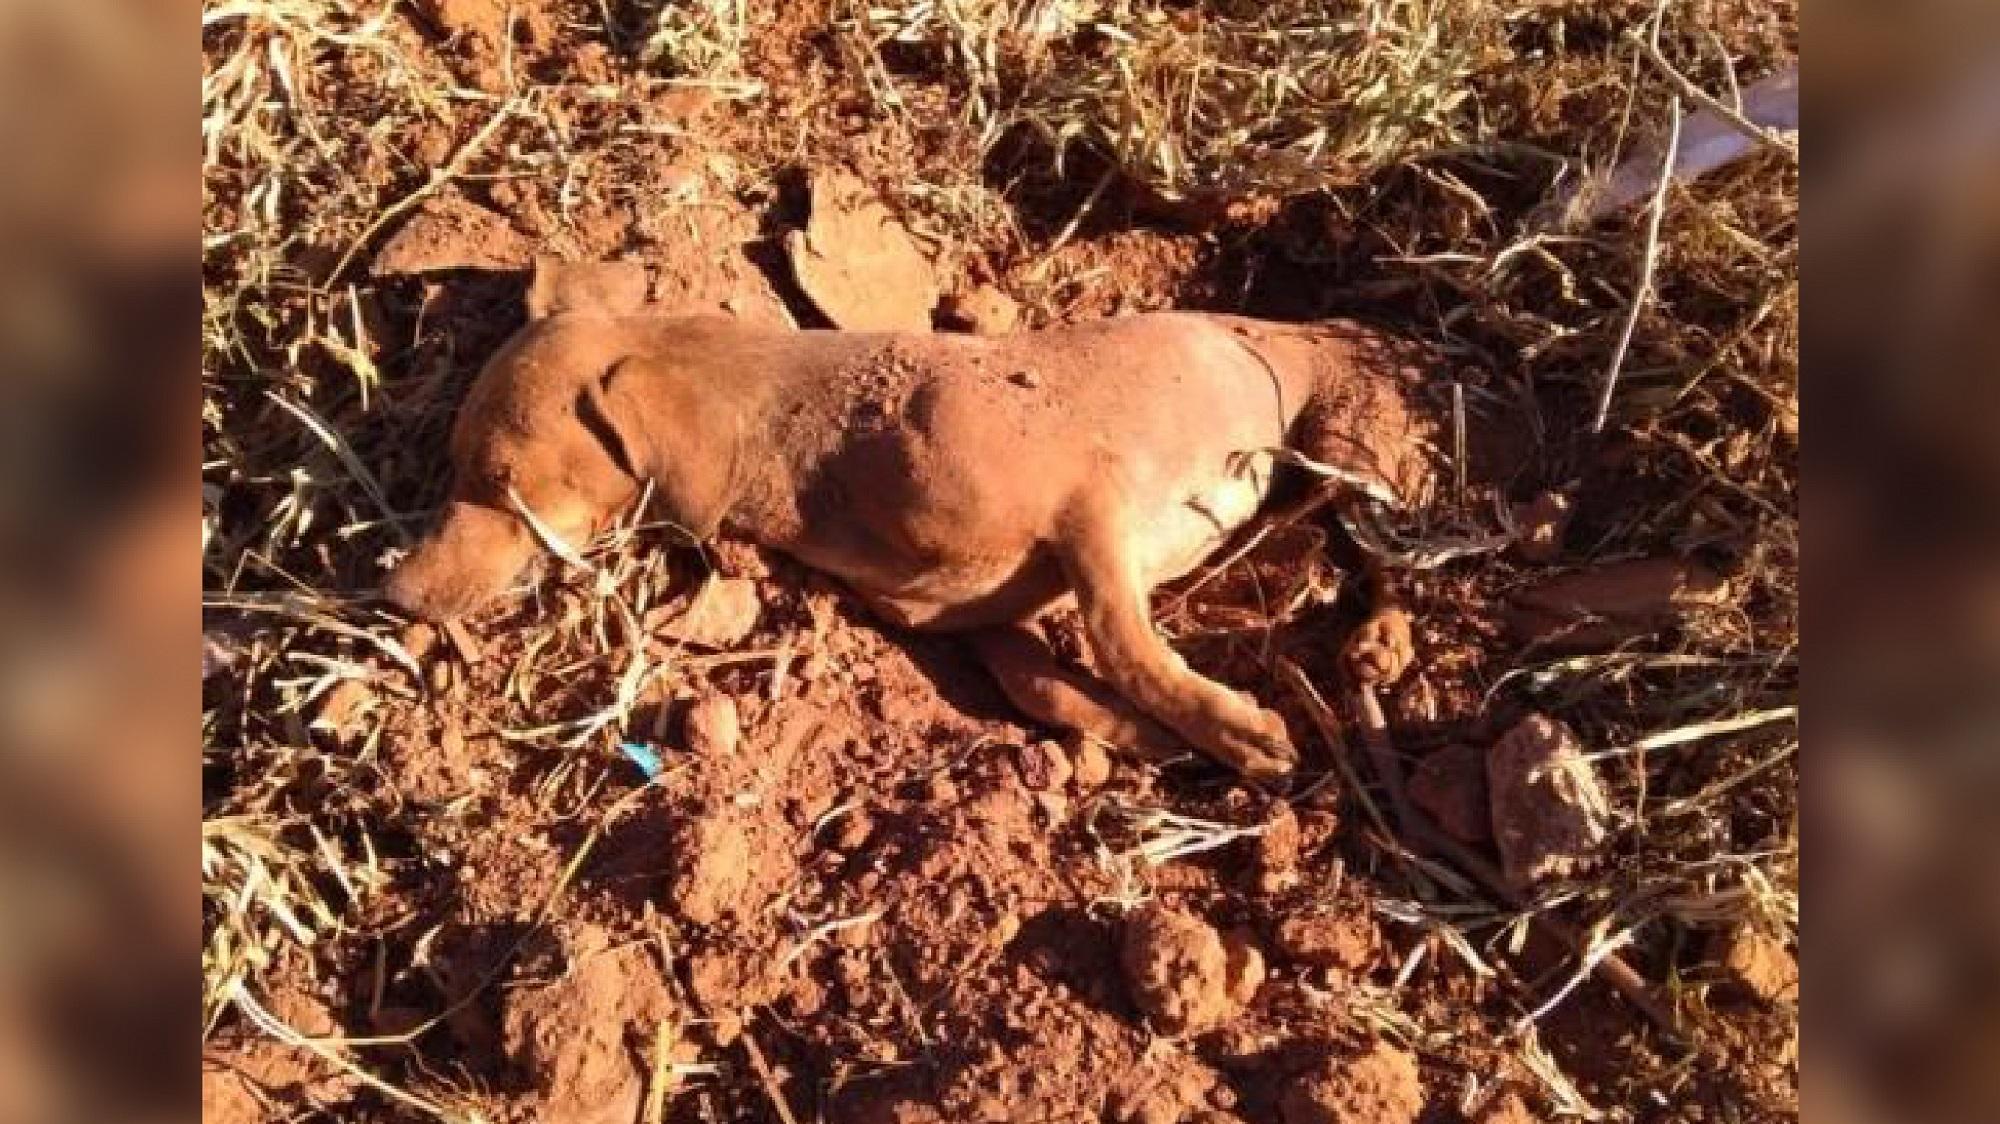 Como morto: terrível ato contra cão repercute e deixa auxílio em aberto/ Imagem: Reprodução Internet